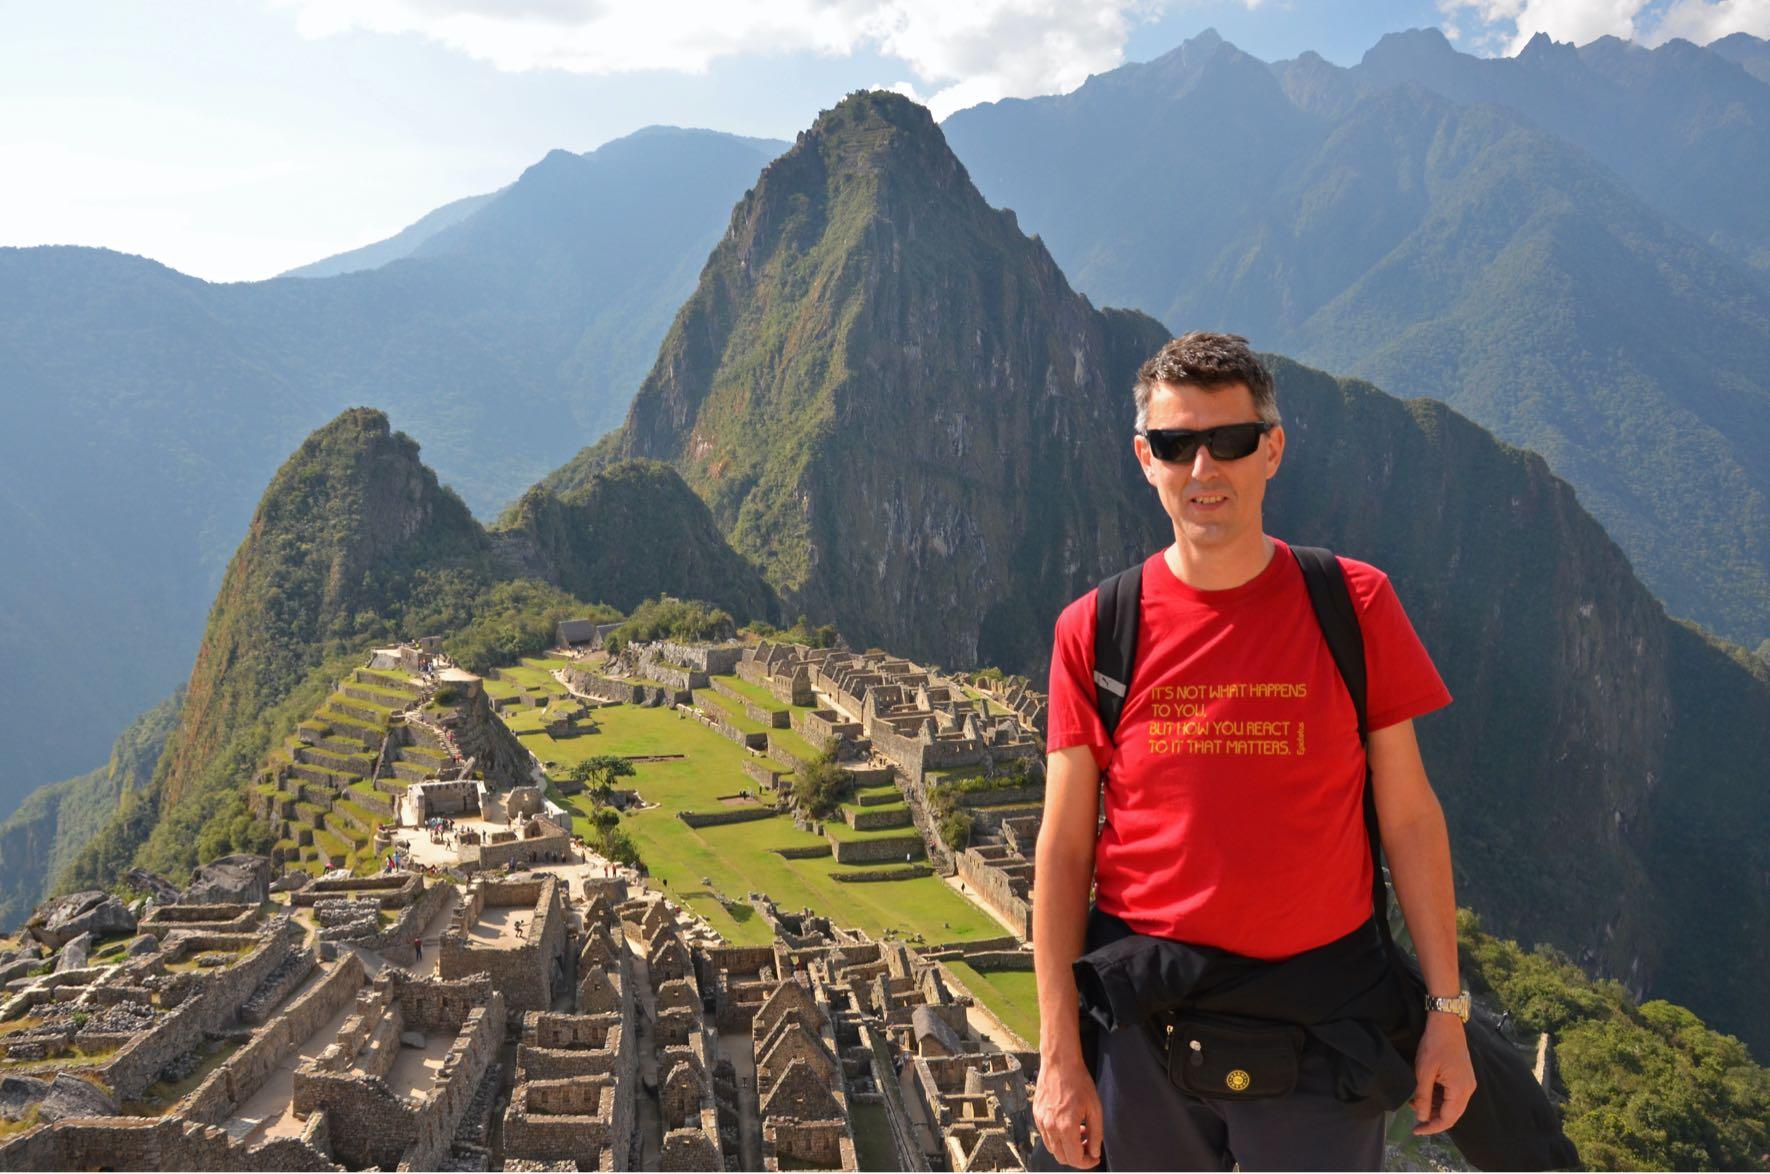 Auf diesem Bild steht Giancarlo mit Sonnebrille vor der Inka-Zitadelle von Machu Picchu, Peru.